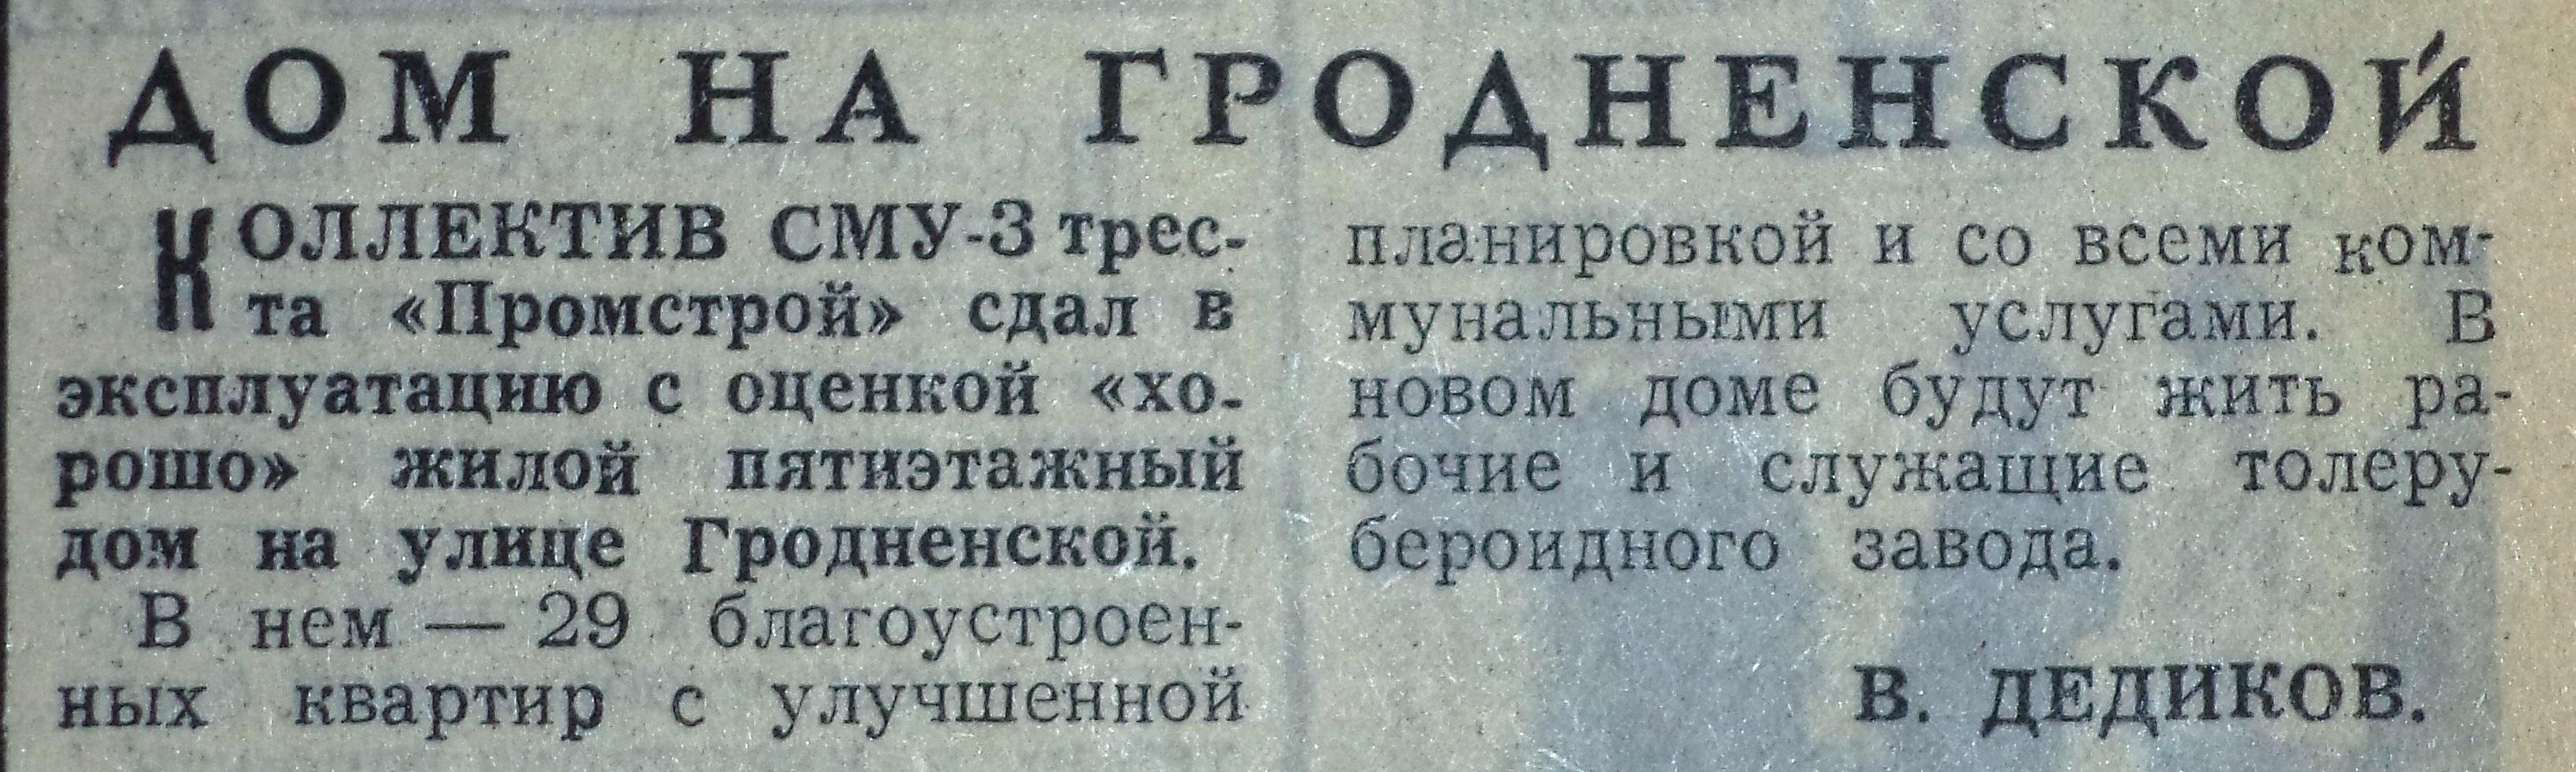 Гродненская-ФОТО-02-ВЗя-1983-08-05-новый дом на Гродн